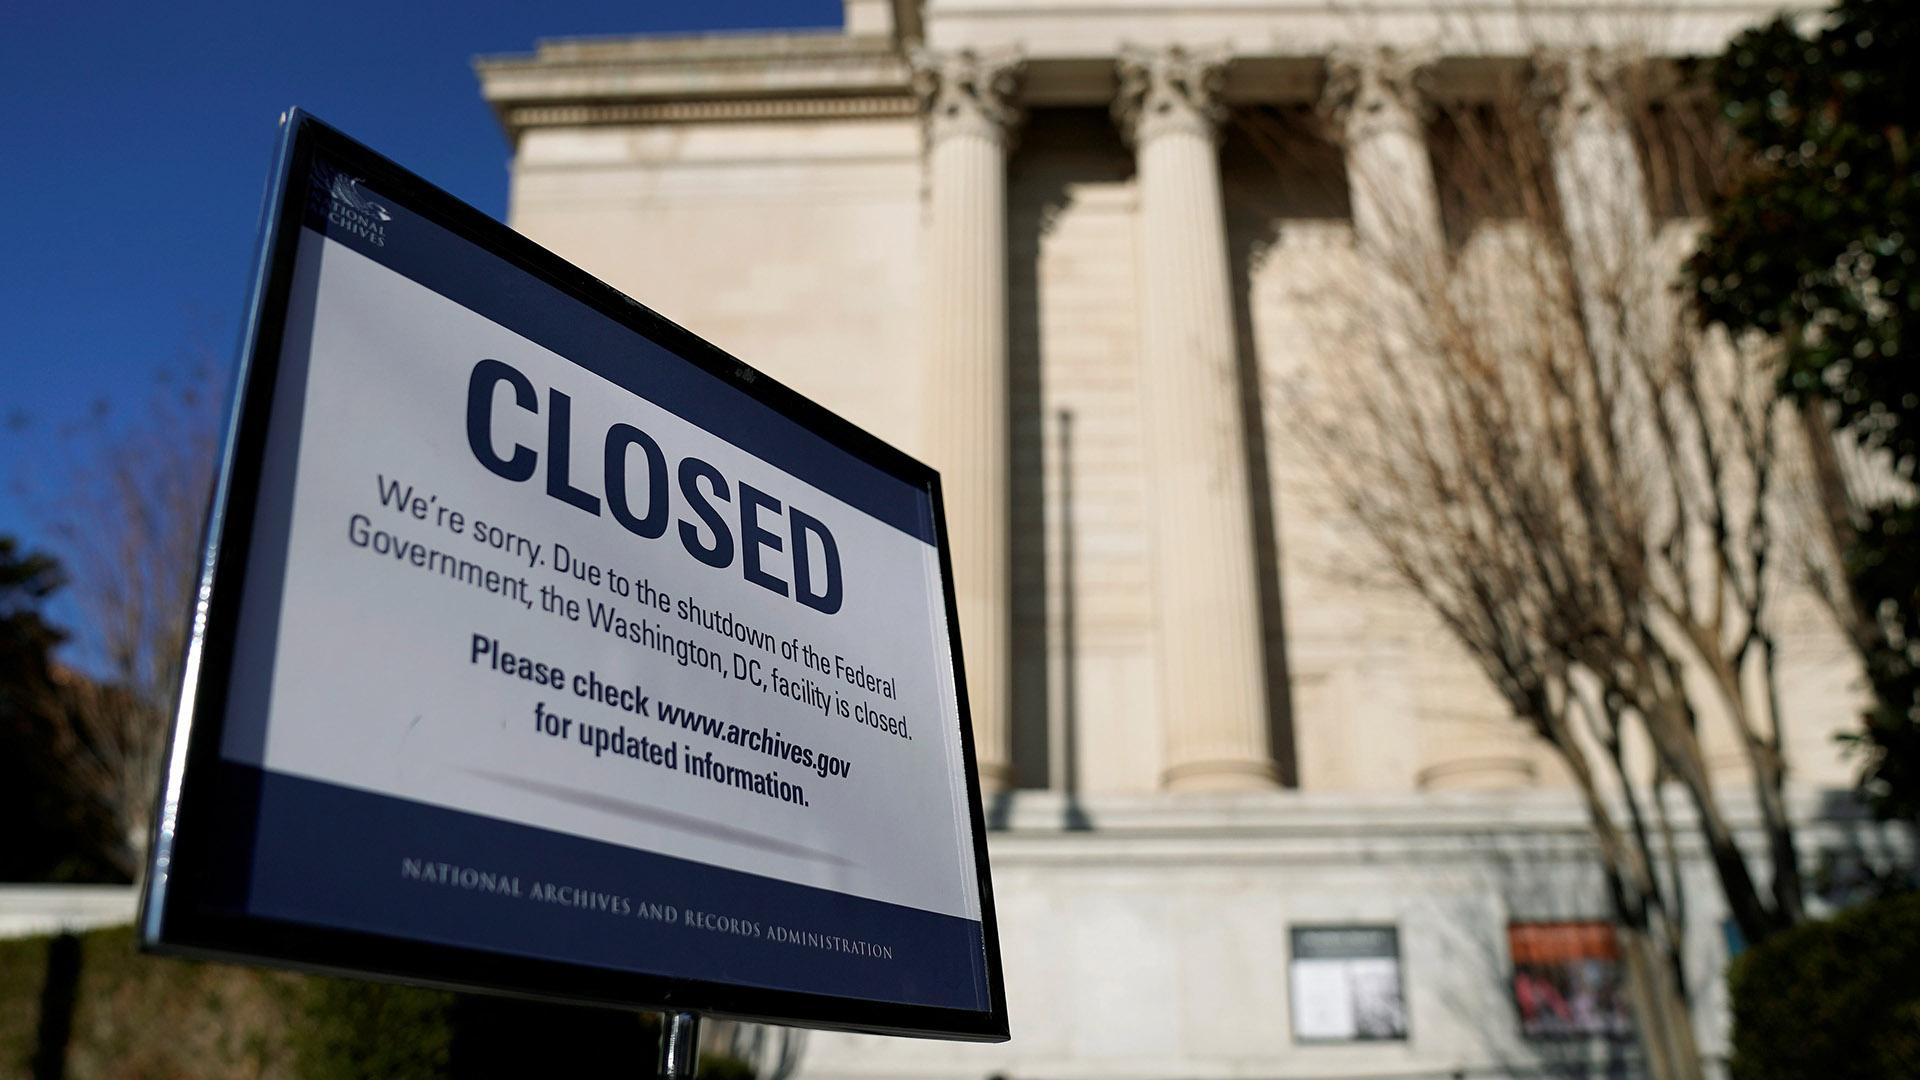 Un cartel advierte que el edificio del Archivo Nacional está cerrado debido al shutdown (Reuters)